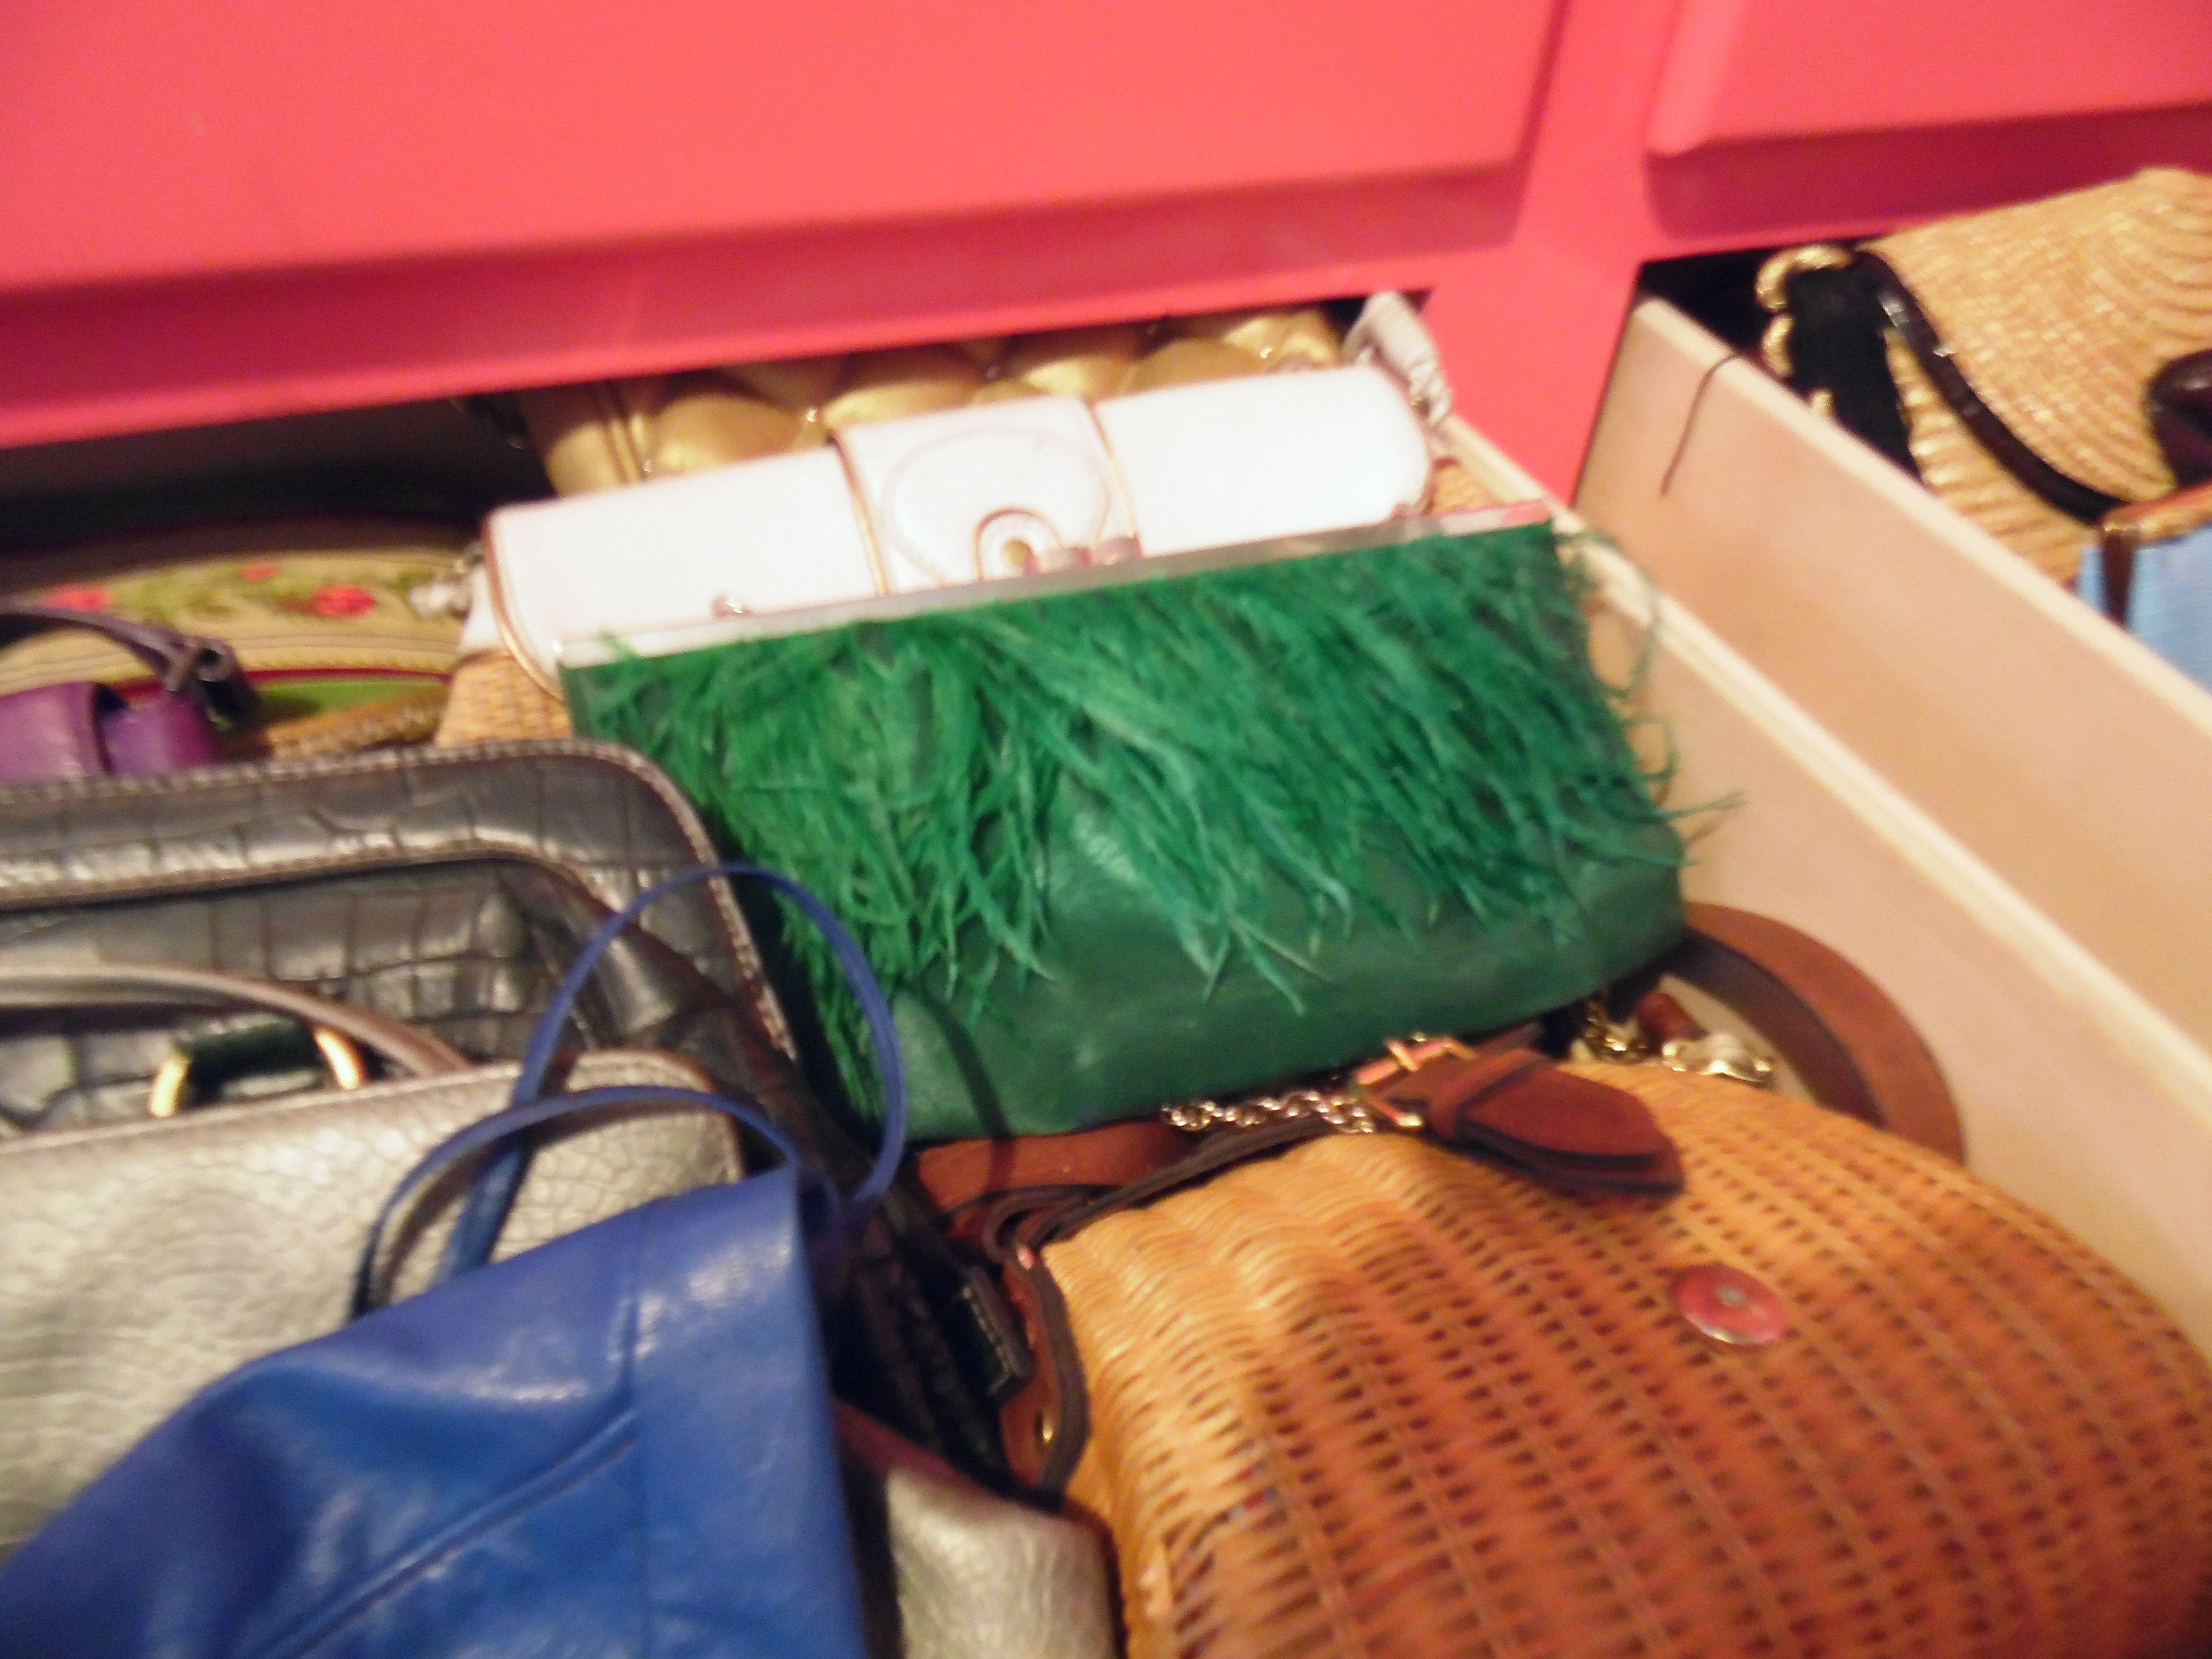 Ordenando mis bolsas (mi adicción)